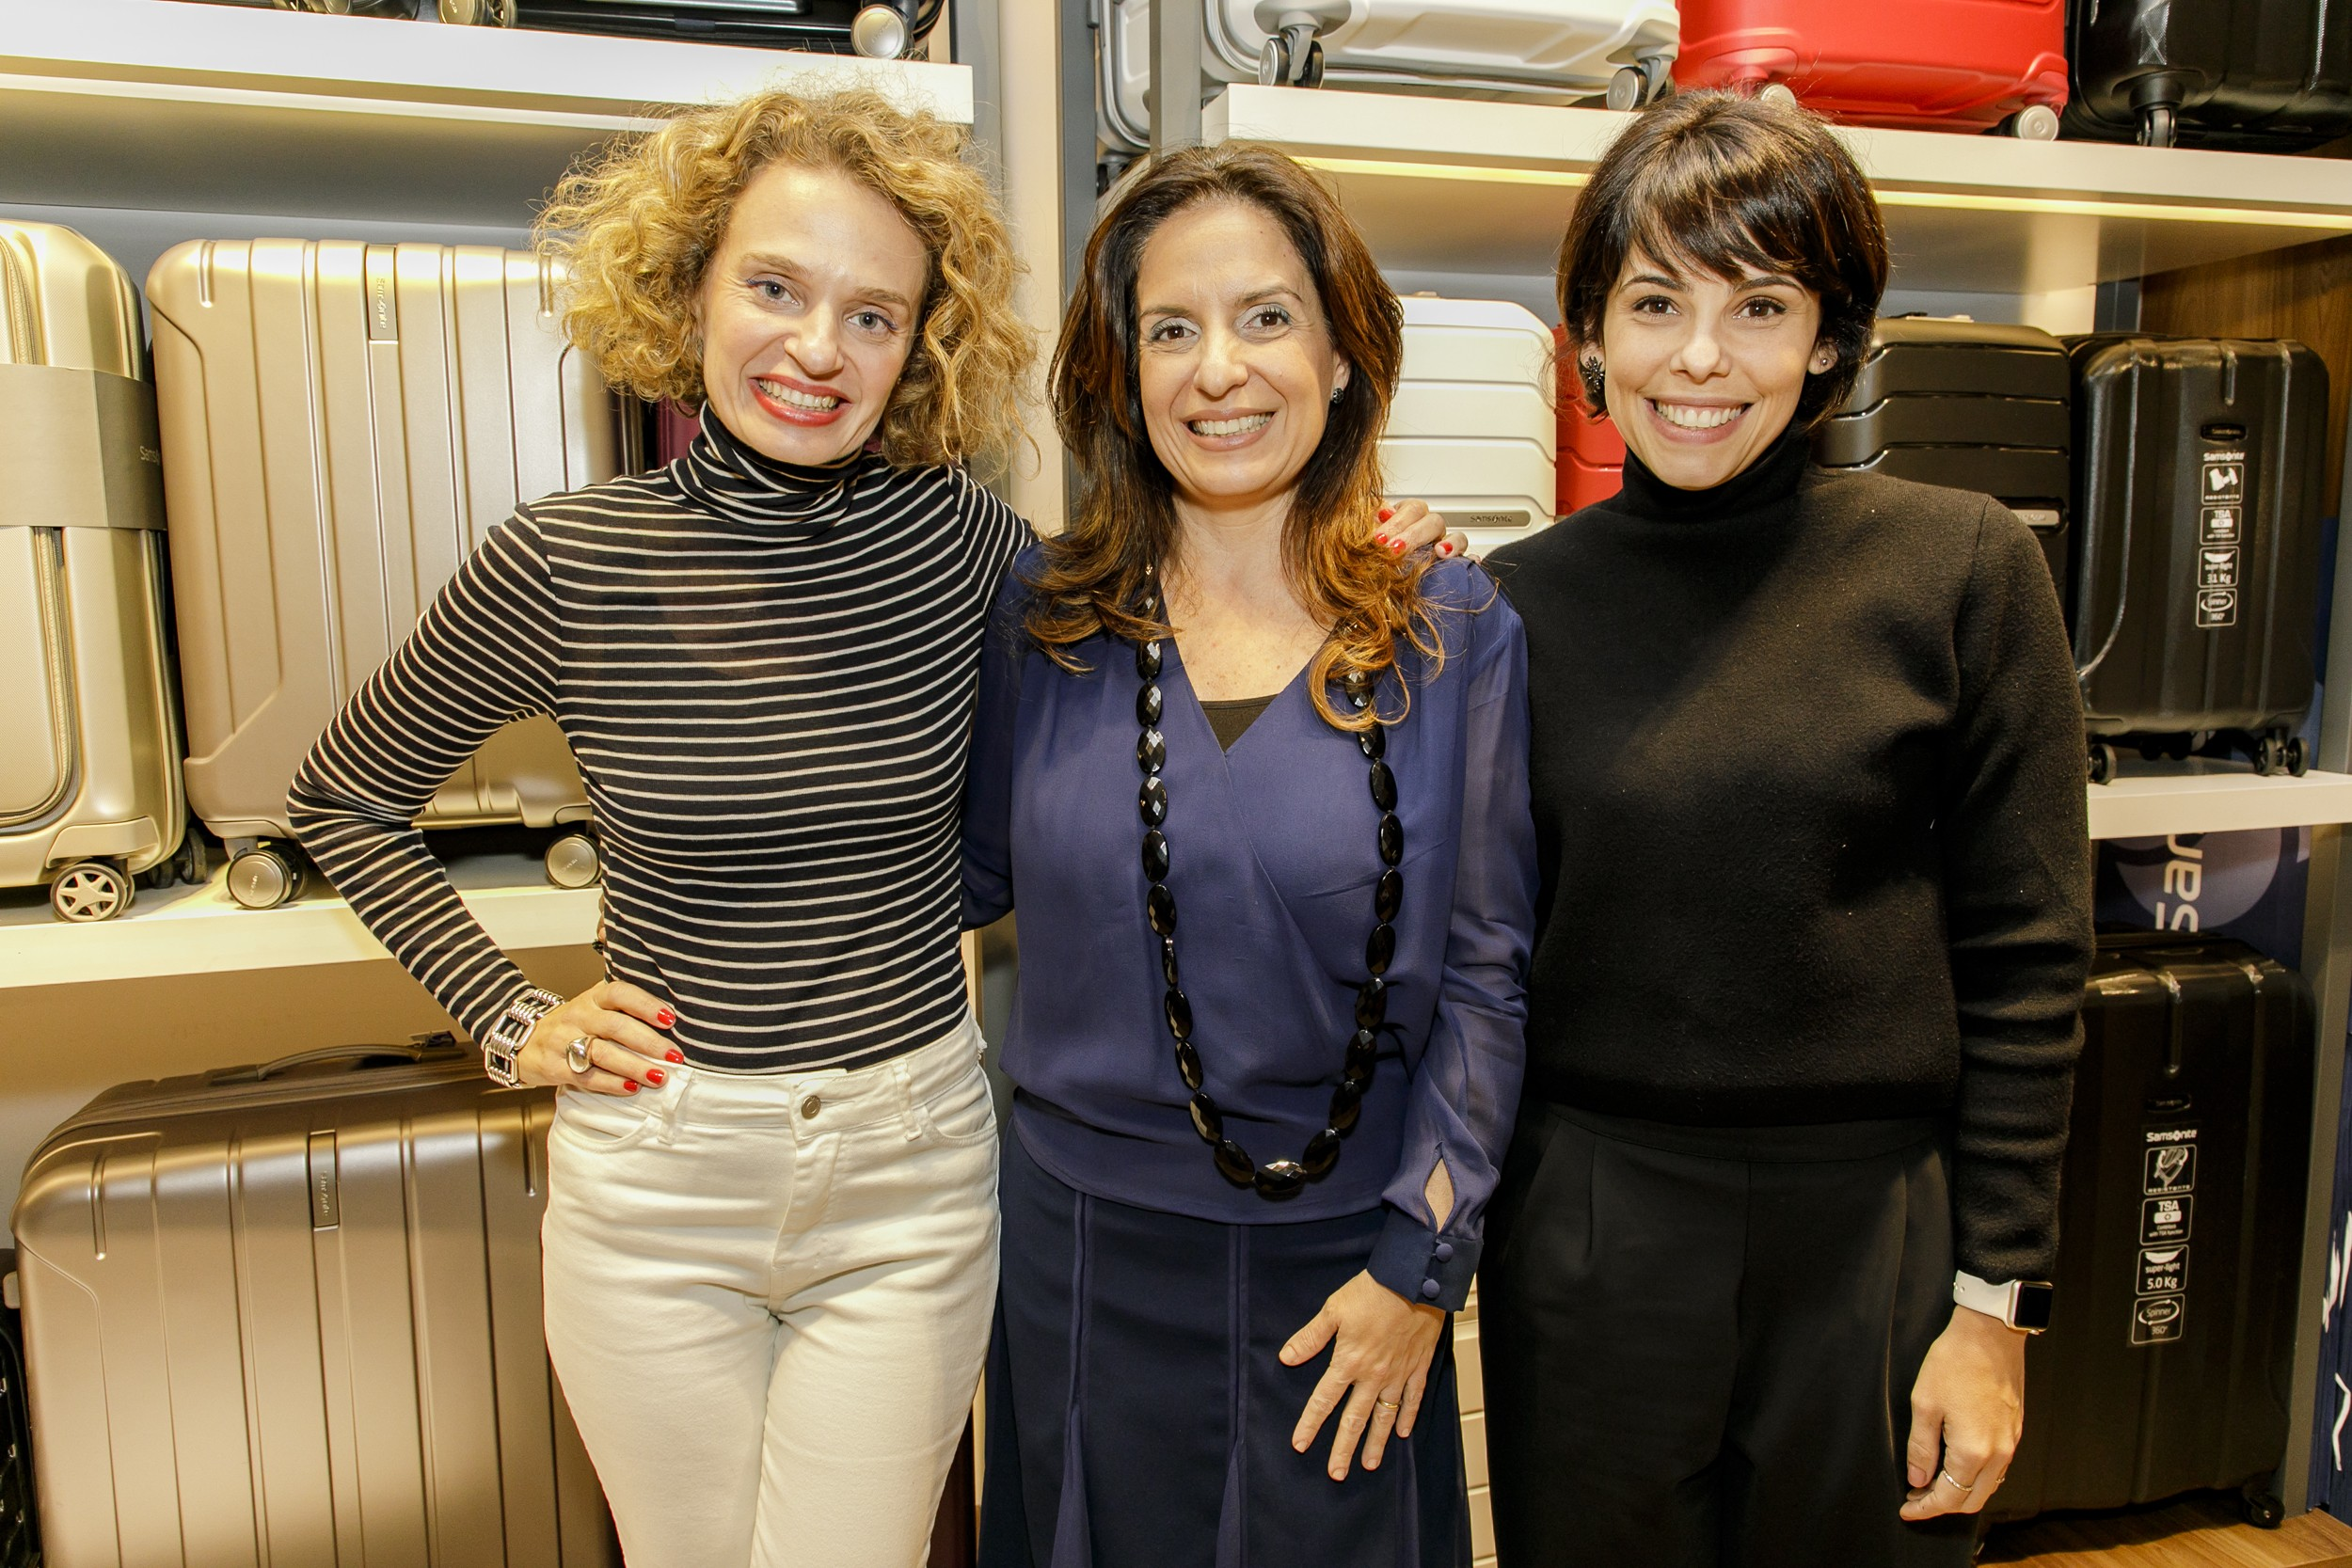 A consultora de estilo Ucha Meirelles, a presidente da Samsonite Mercosul, Anna Chaia, e a editora-chefe da Marie Claire, Maria Laura Neves, no evento de lançamento da nova coleção (Foto: Mariana Pekin/G.lab)